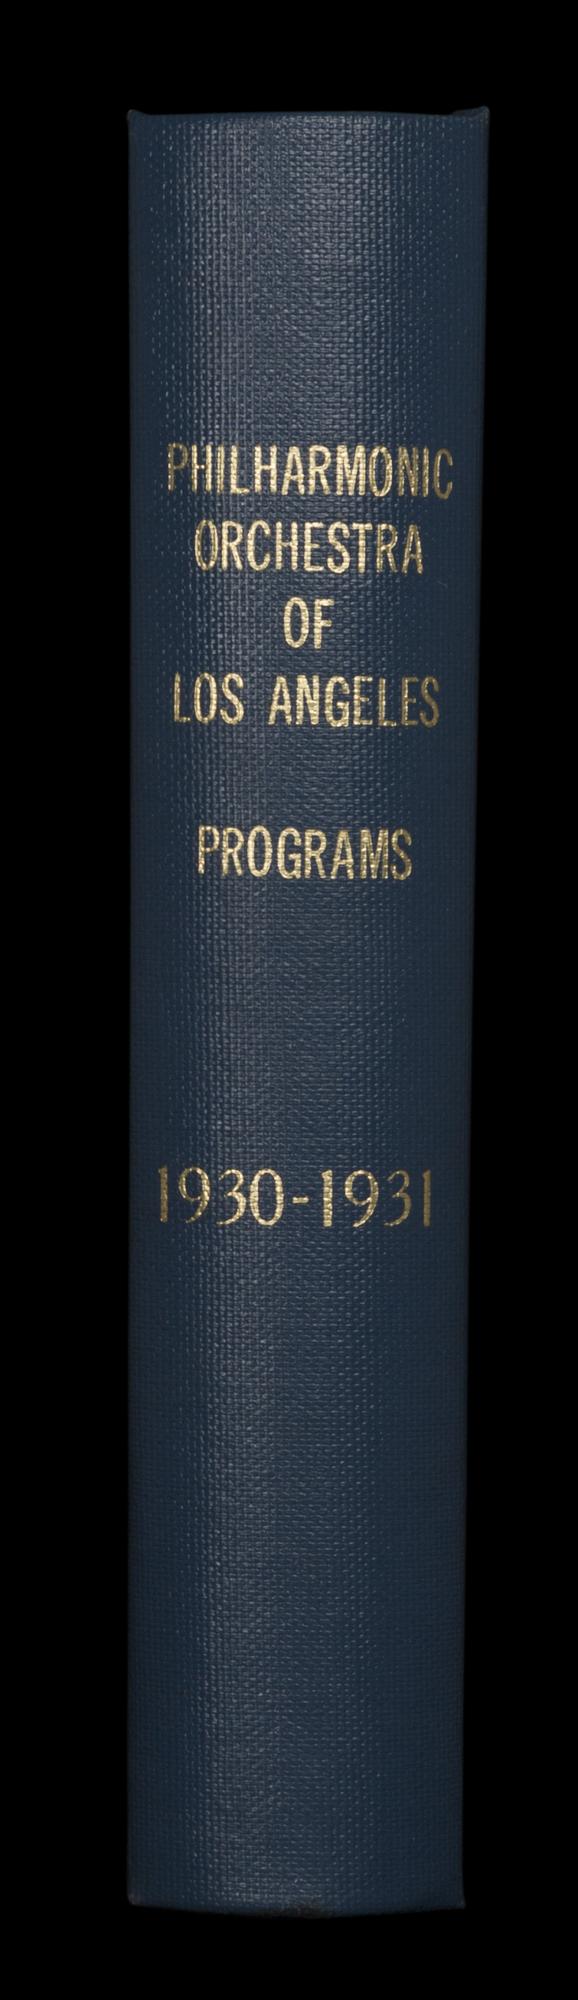 LAPO_ProgramBook_Spine_1930-1931.jpg